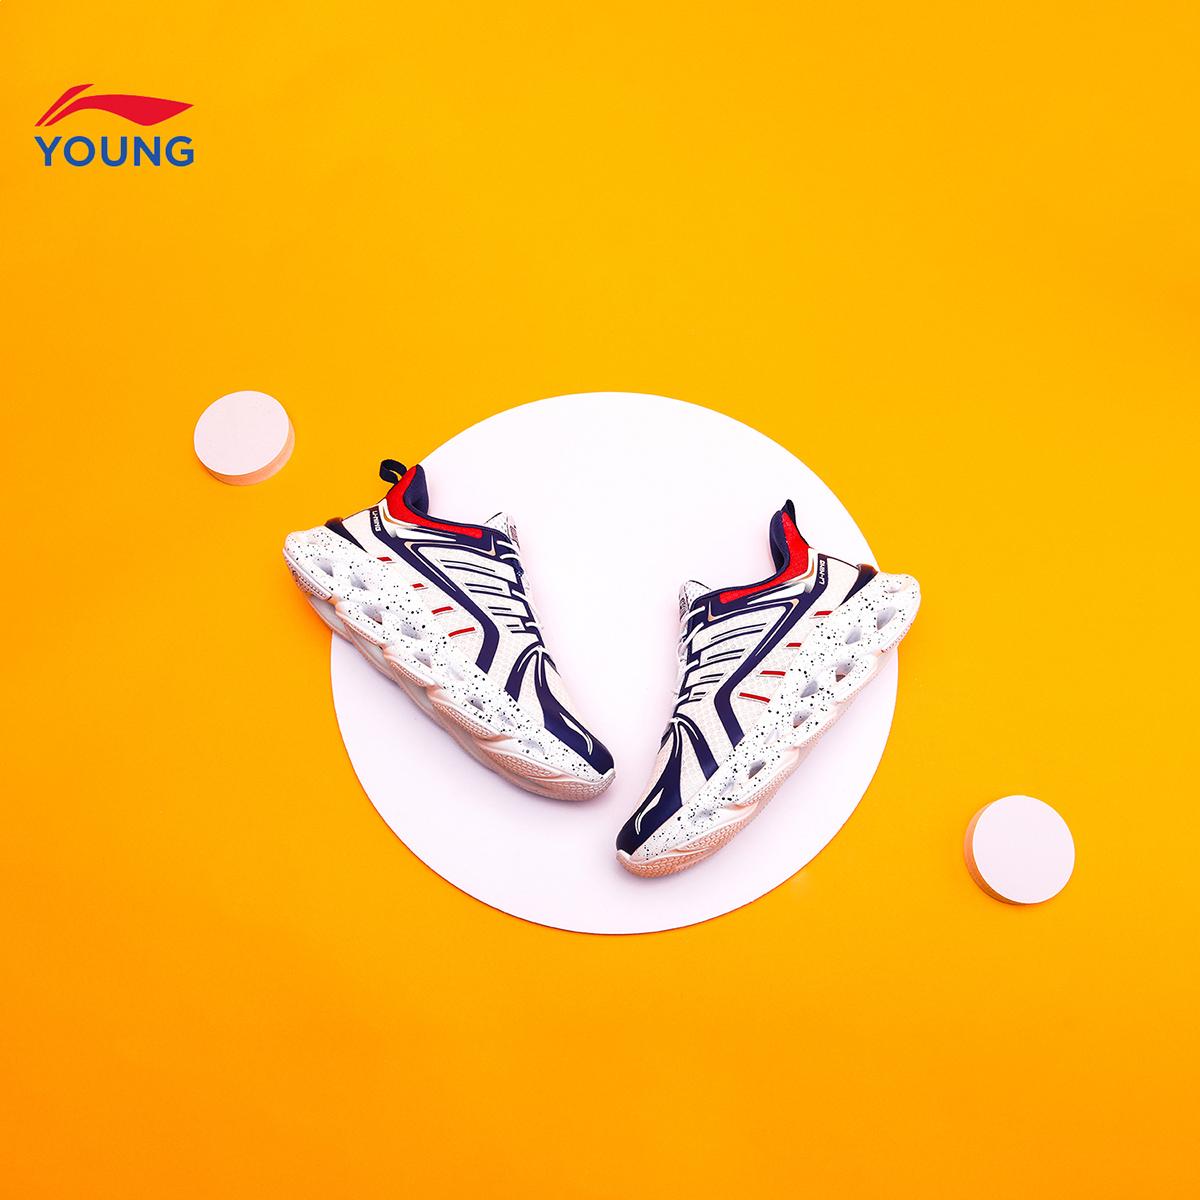 Спортивная обувь для детей и подростков Артикул 614980159107